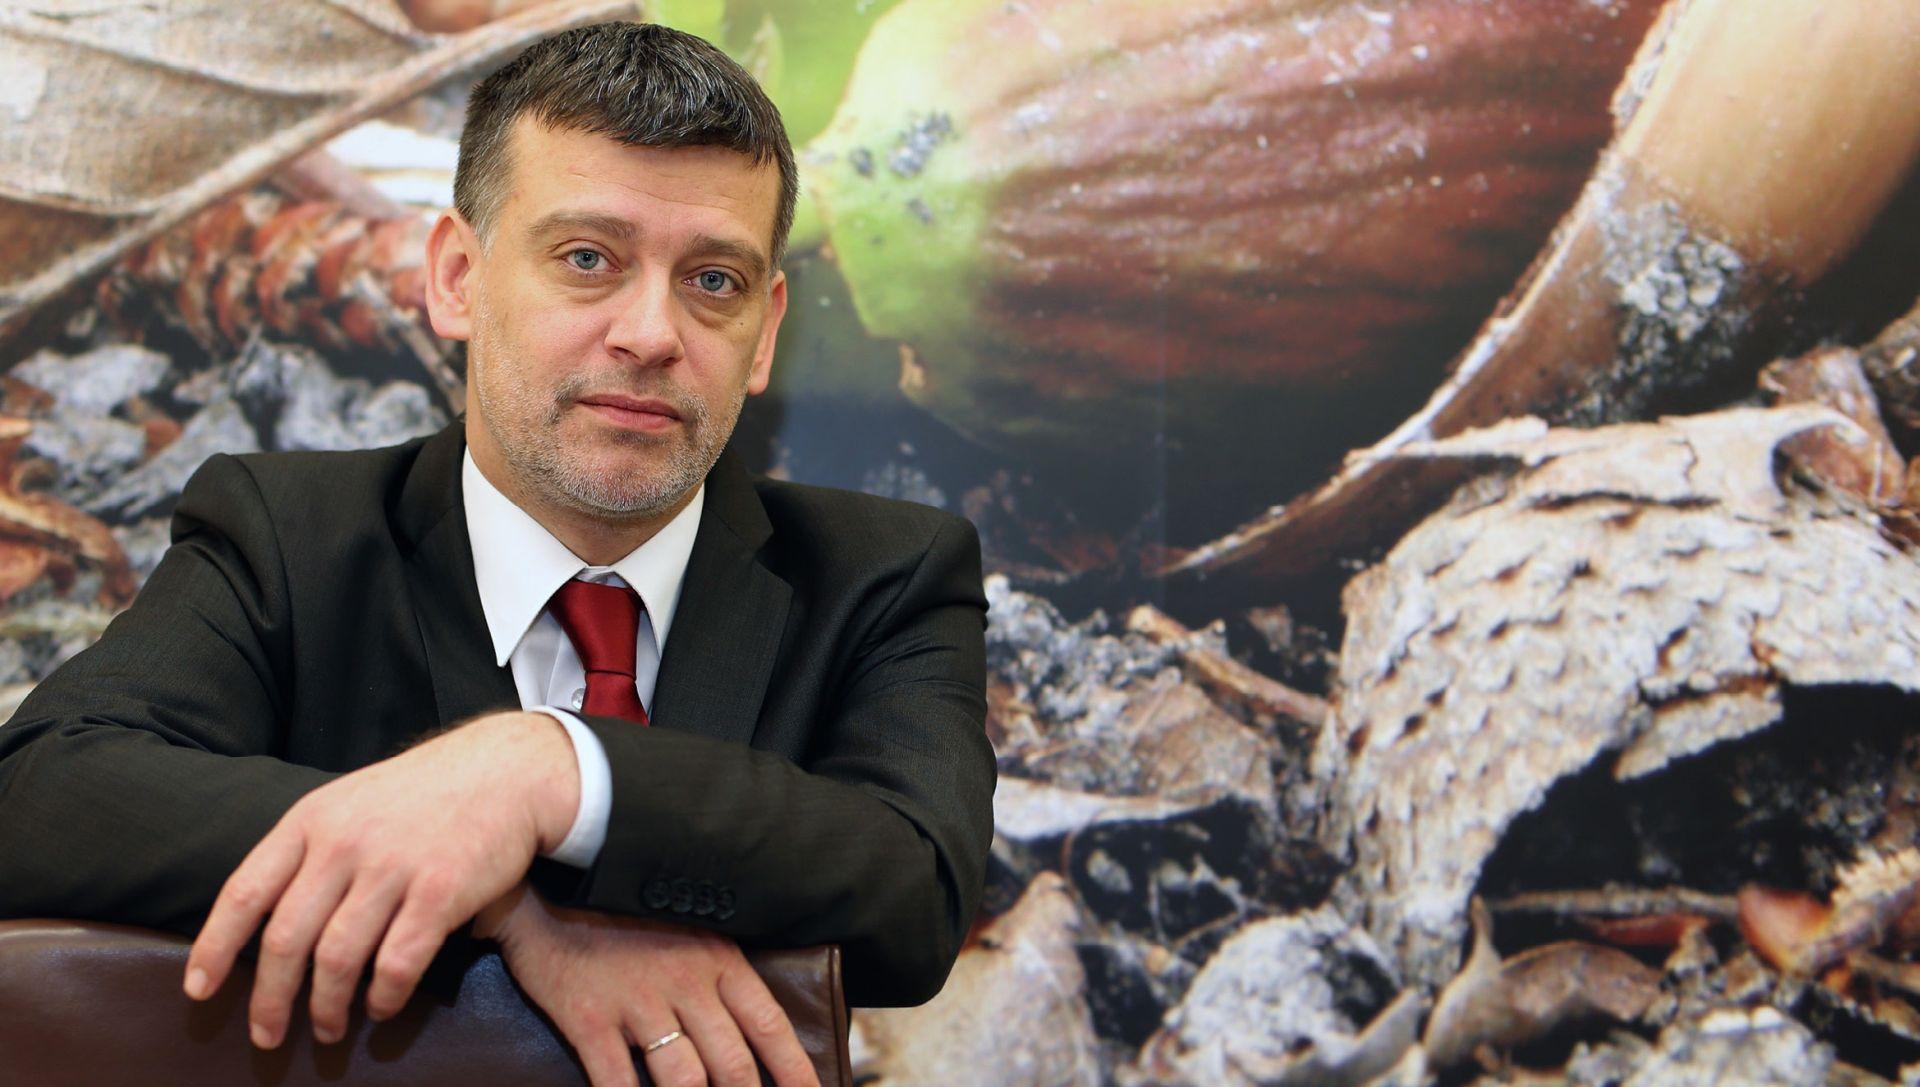 Nadzorni odbor Hrvatskih šuma zbog Joze Kalema u ratu s Ivanom Pavelićem